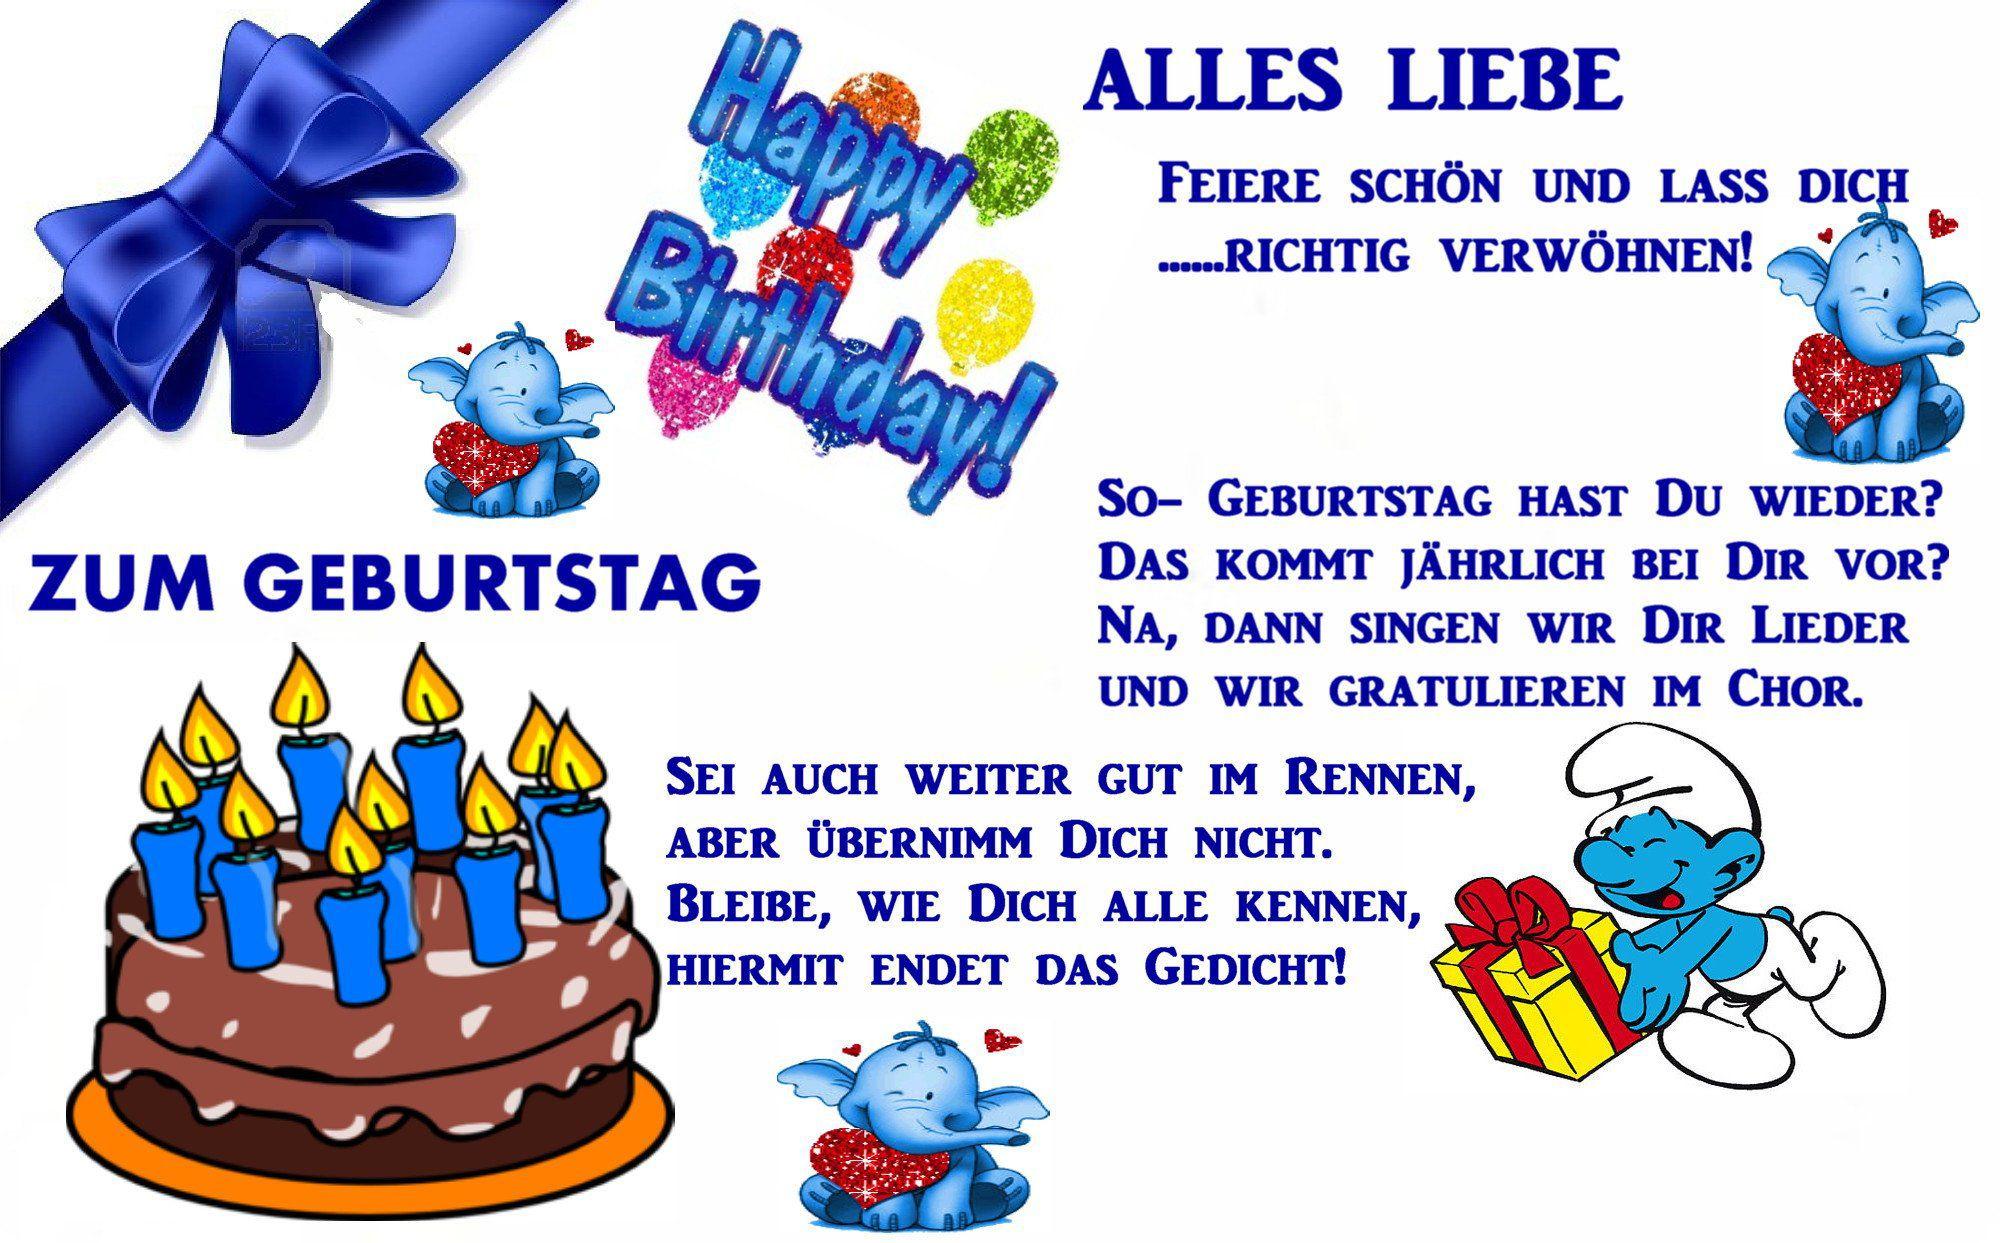 Geburtstagswünsche Für Enkelkind Zum 2. Geburtstag  Alles Gute Zum Geburtstag Sprüche